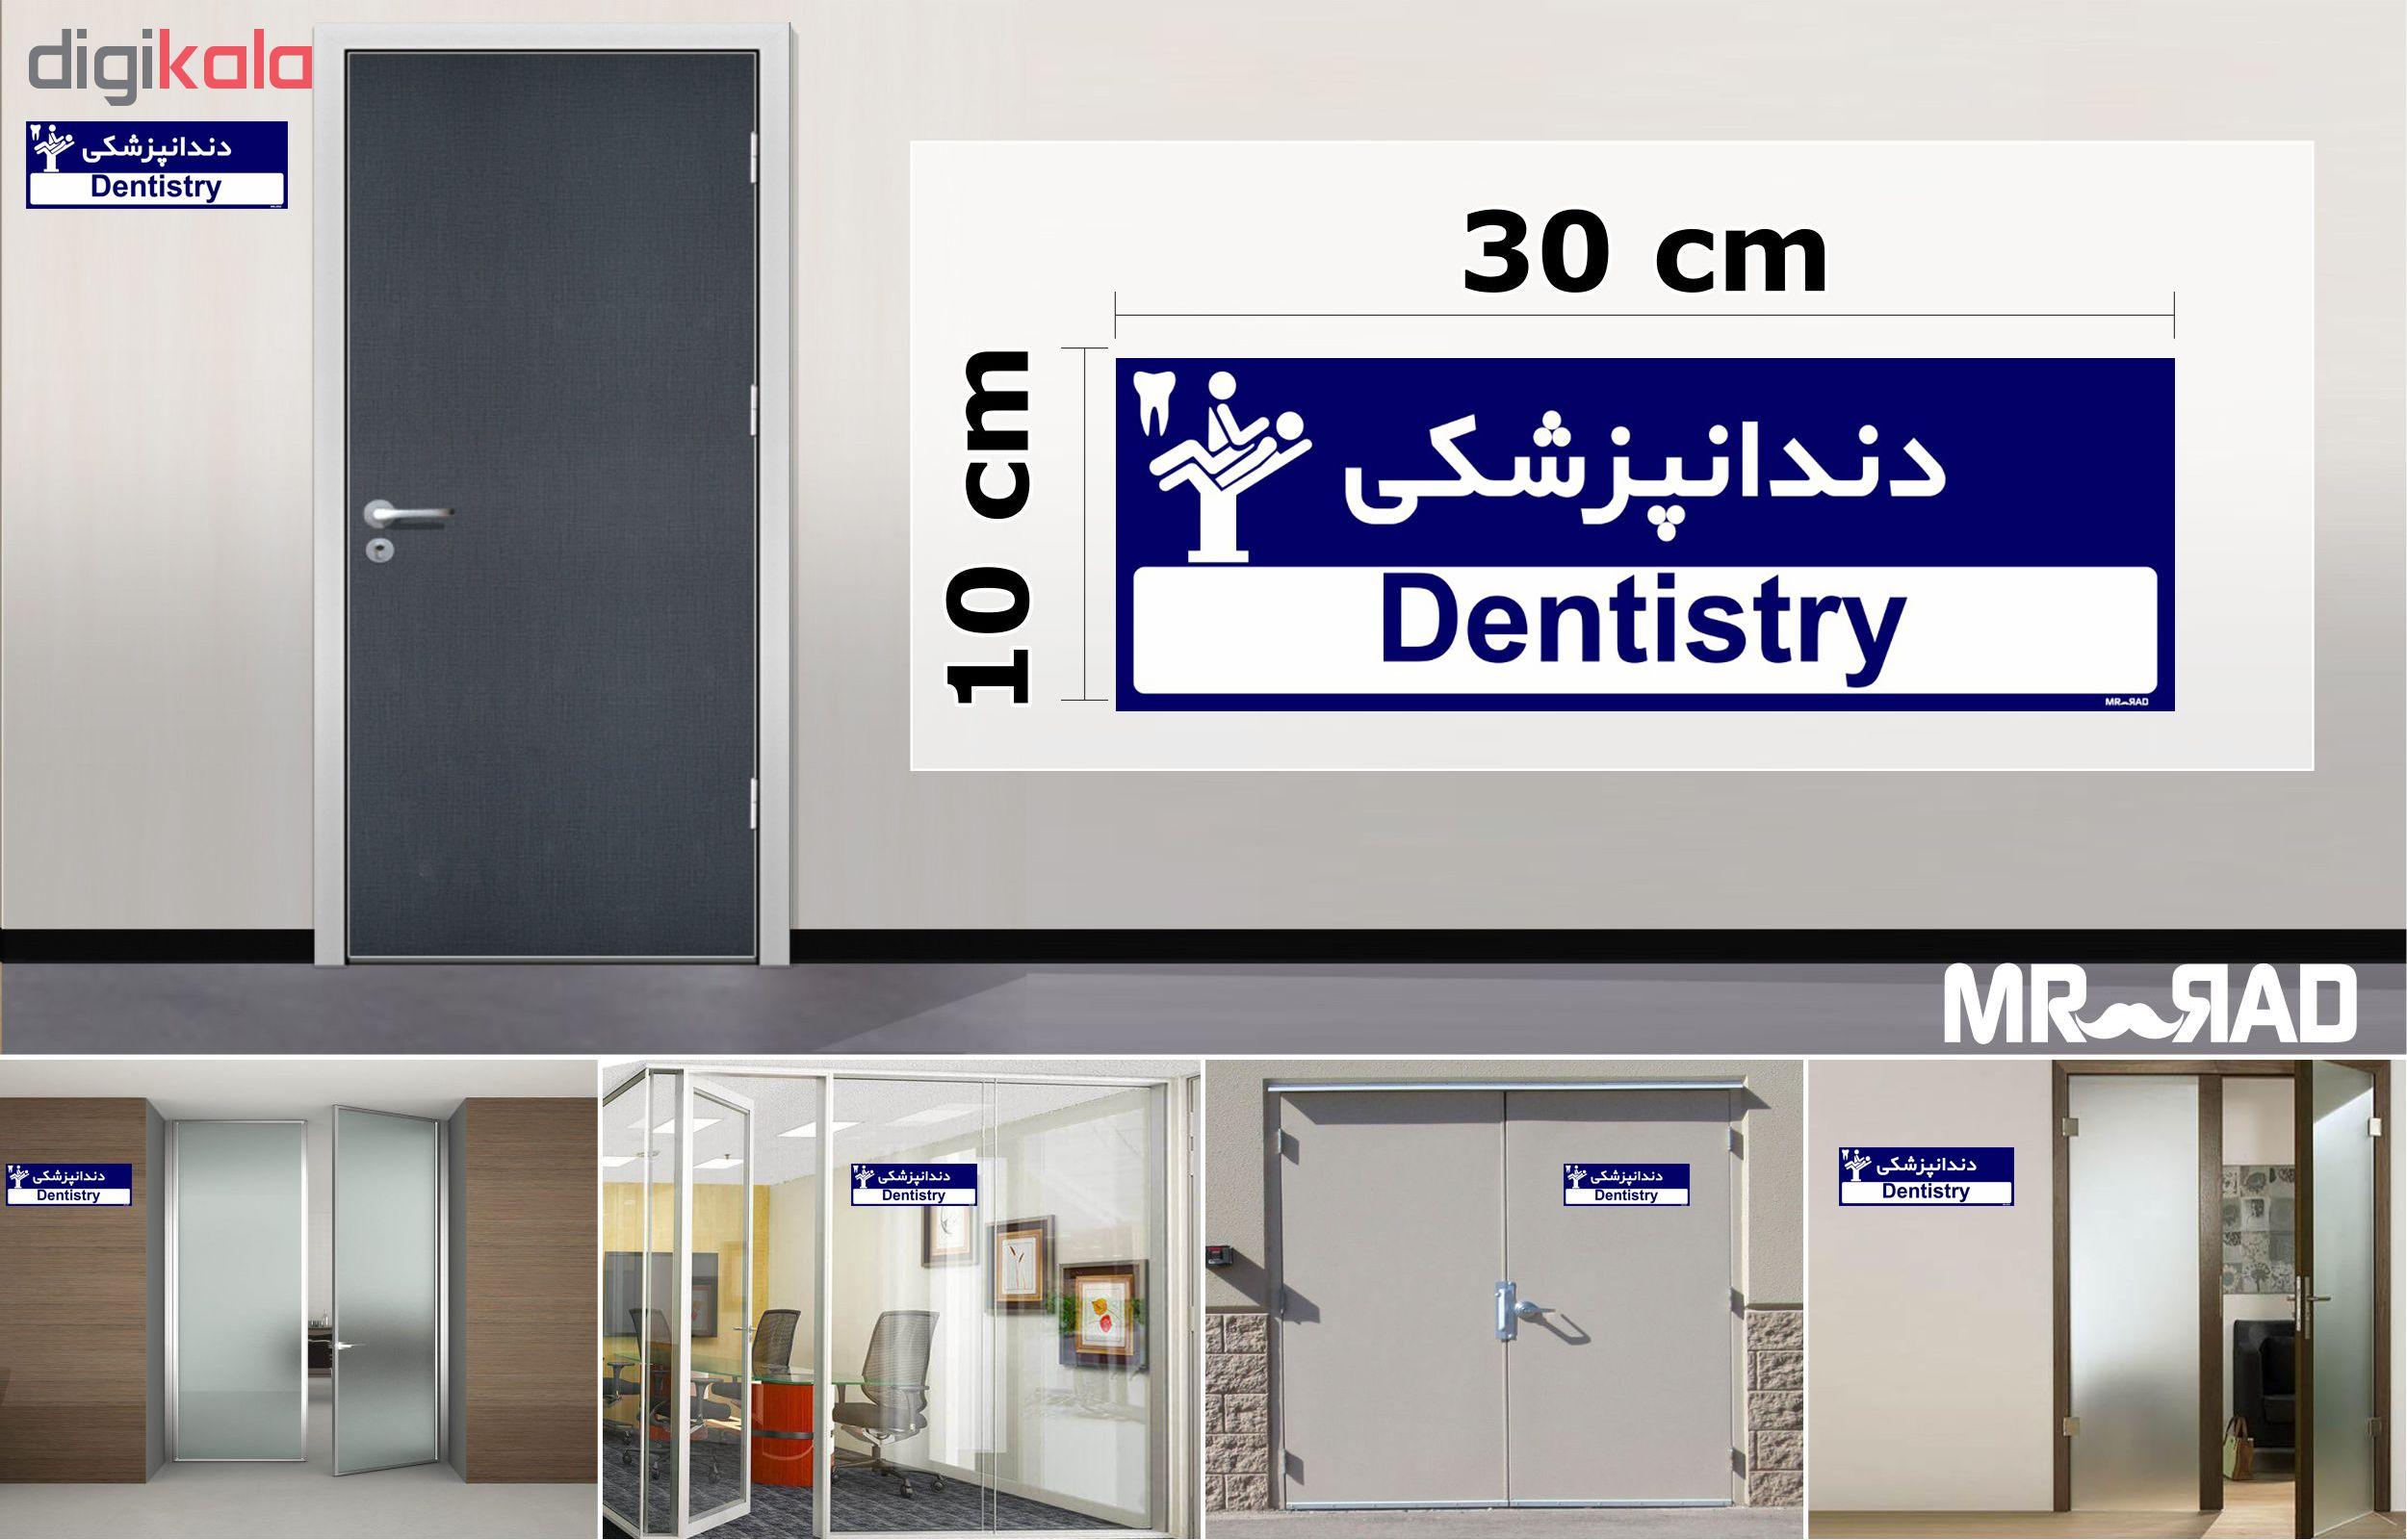 تابلو راهنمای اتاق FG طرح دندانپزشکی کدTHO0447